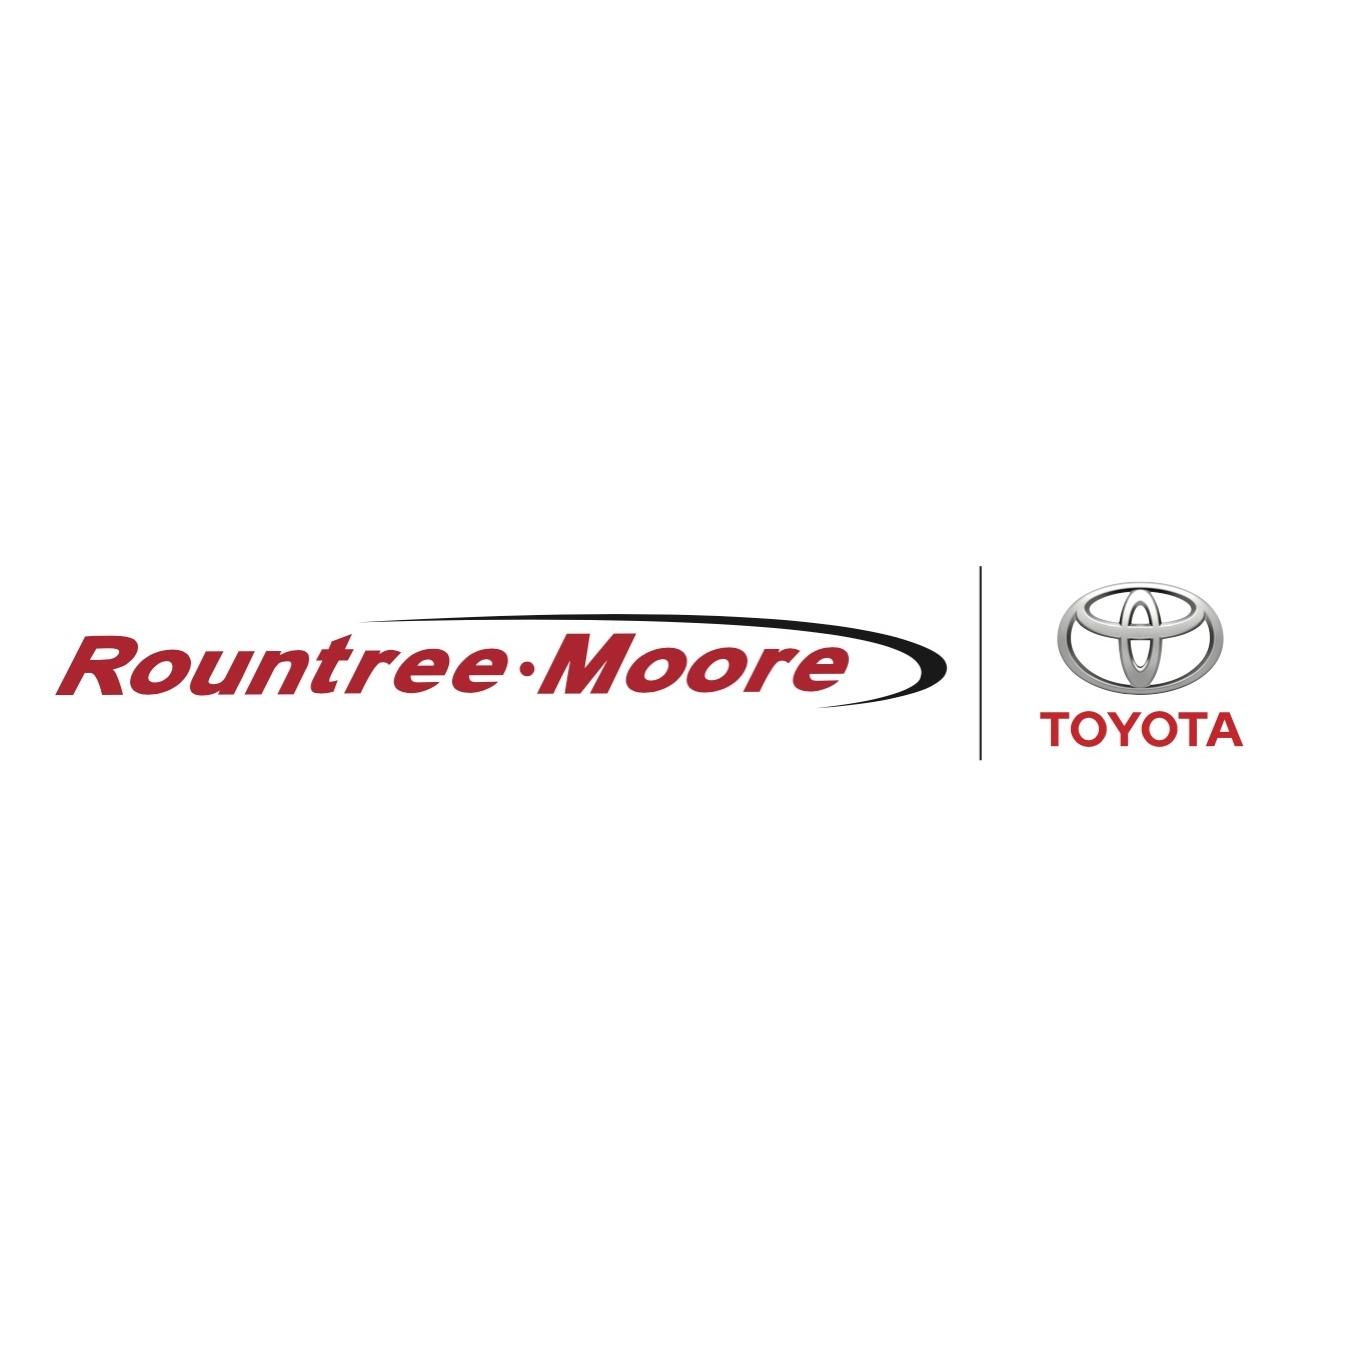 Rountree Moore Toyota Scion